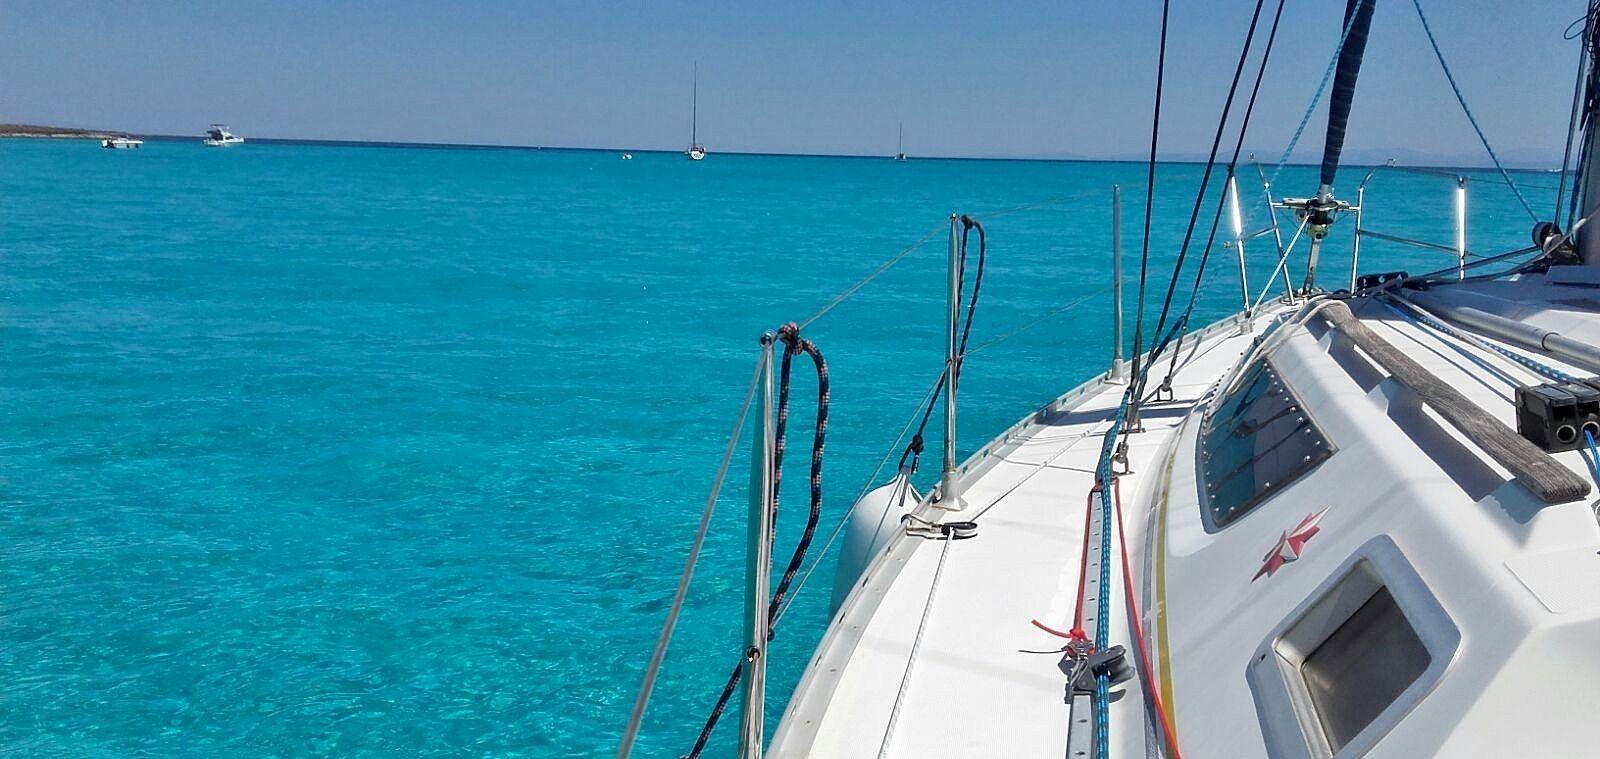 Tour di mezza giornata in barca a vela all'Asinara